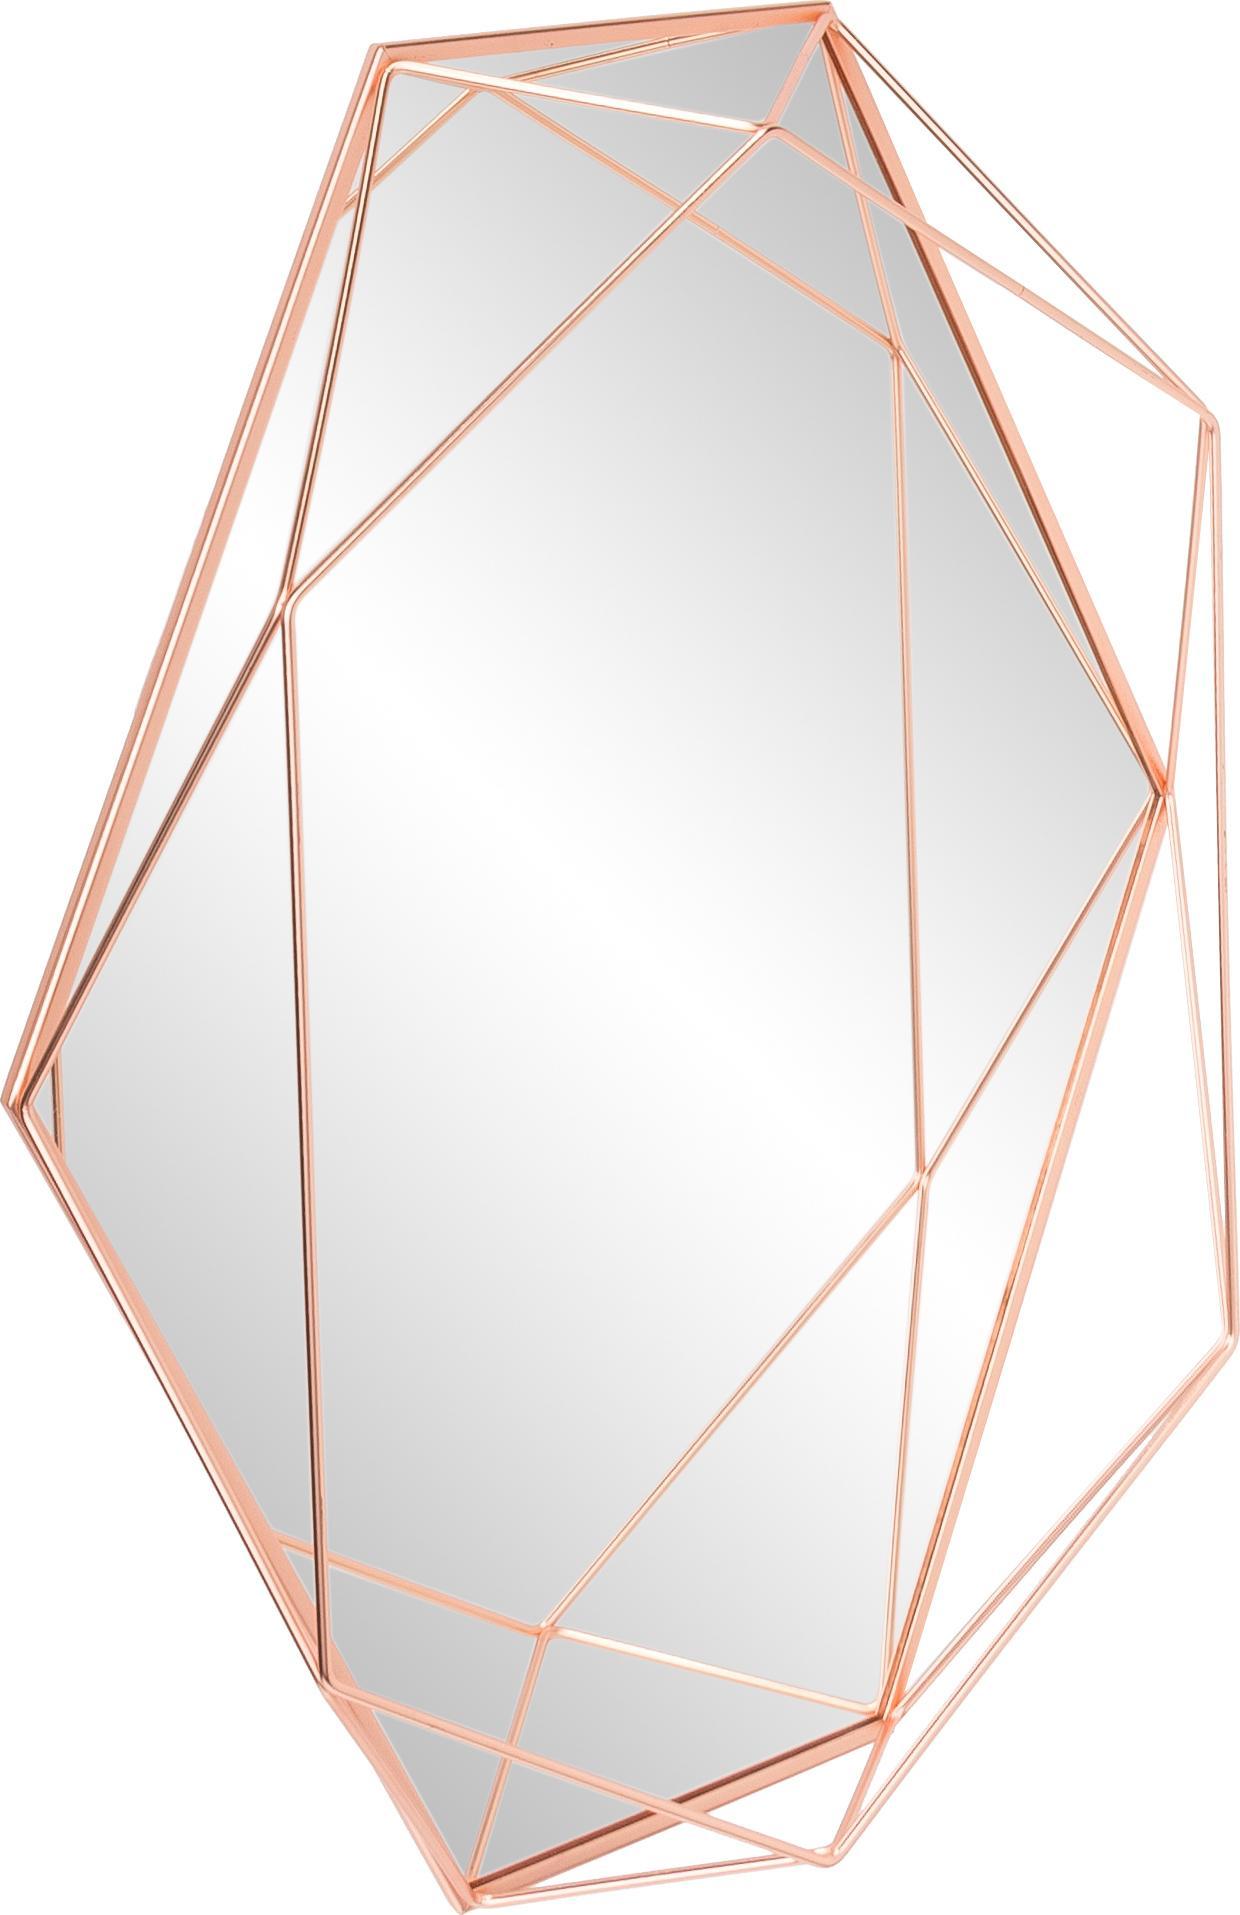 Ovaler Wandspiegel Prisma mit Kupferrahmen, Rahmen: Stahl, verkupfert, Spiegelfläche: Spiegelglas, Kupfer, 43 x 57 cm